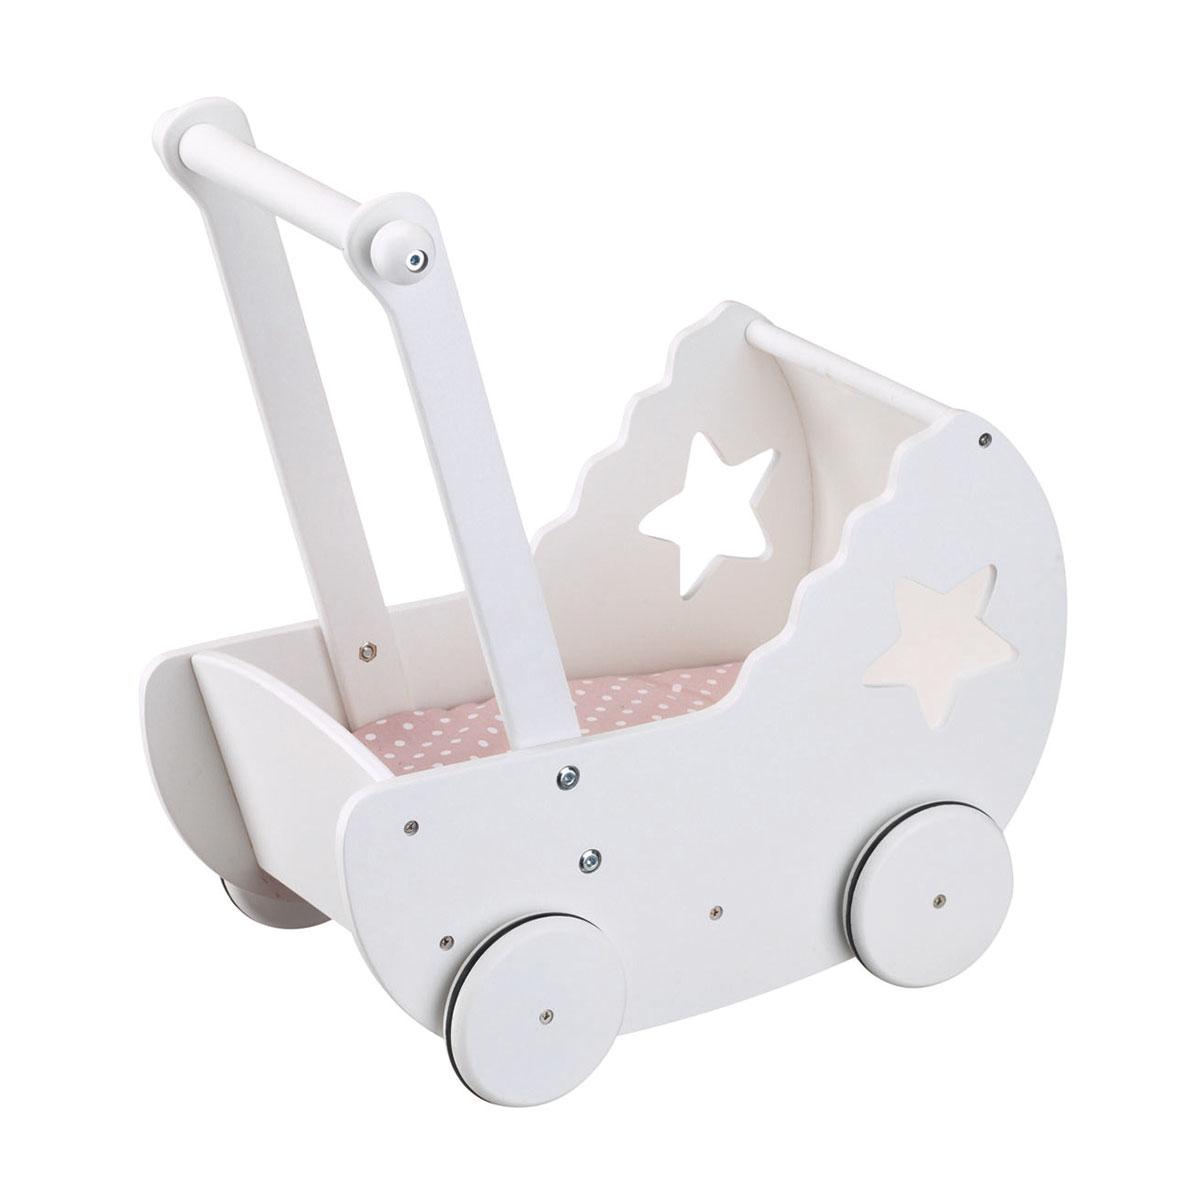 Image of   Kids Concept dukkevogn i træ - Hvid